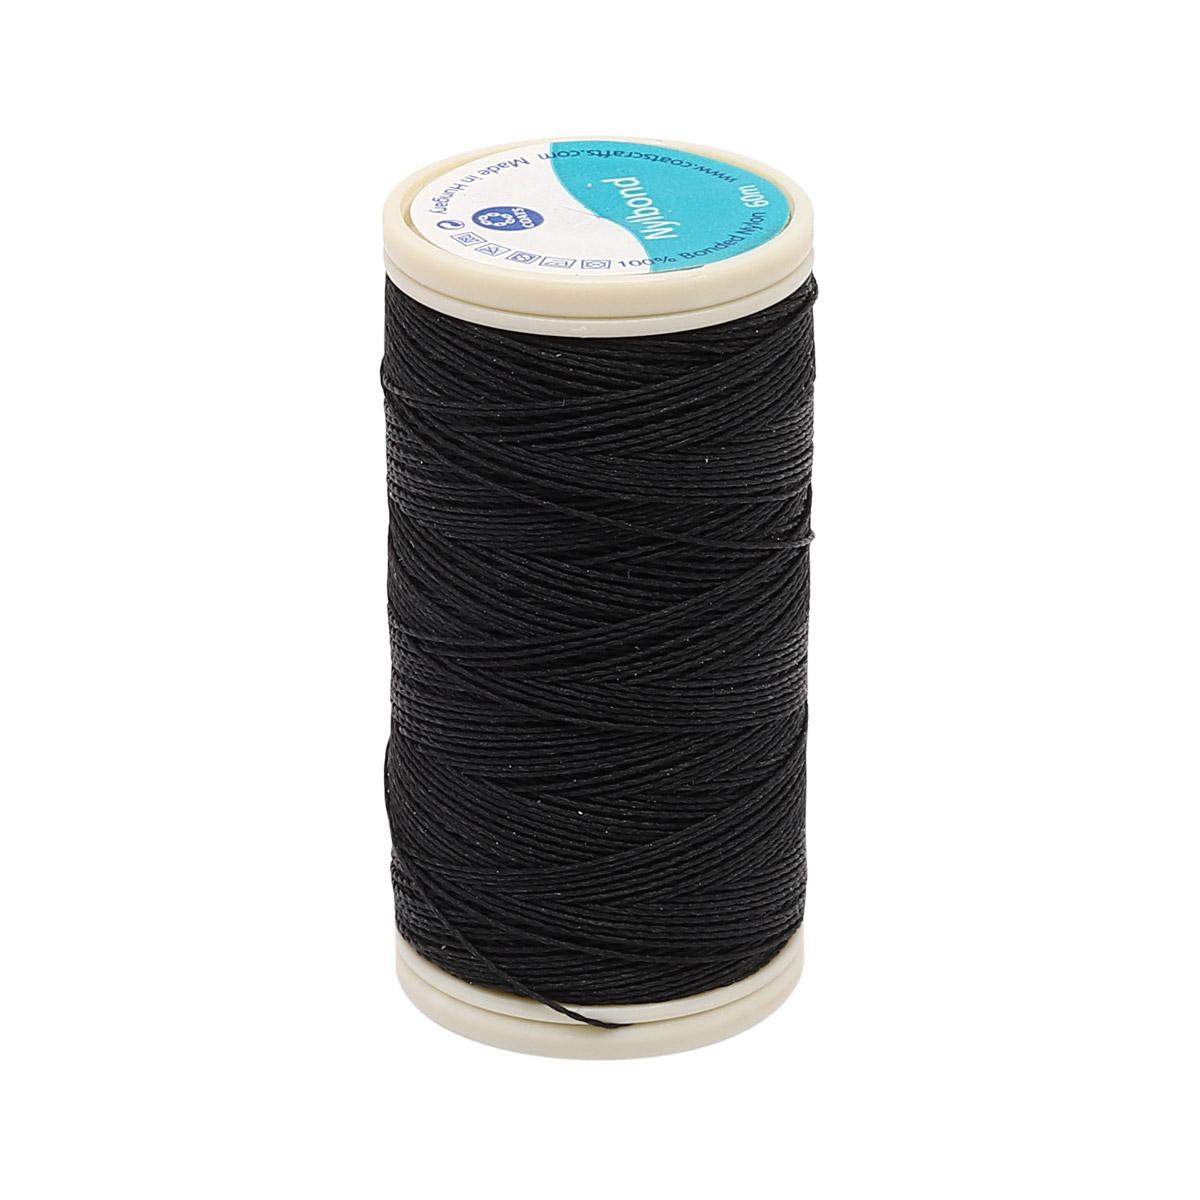 4505060-01000 Нитки швейные Coats Nylbond 60 м.